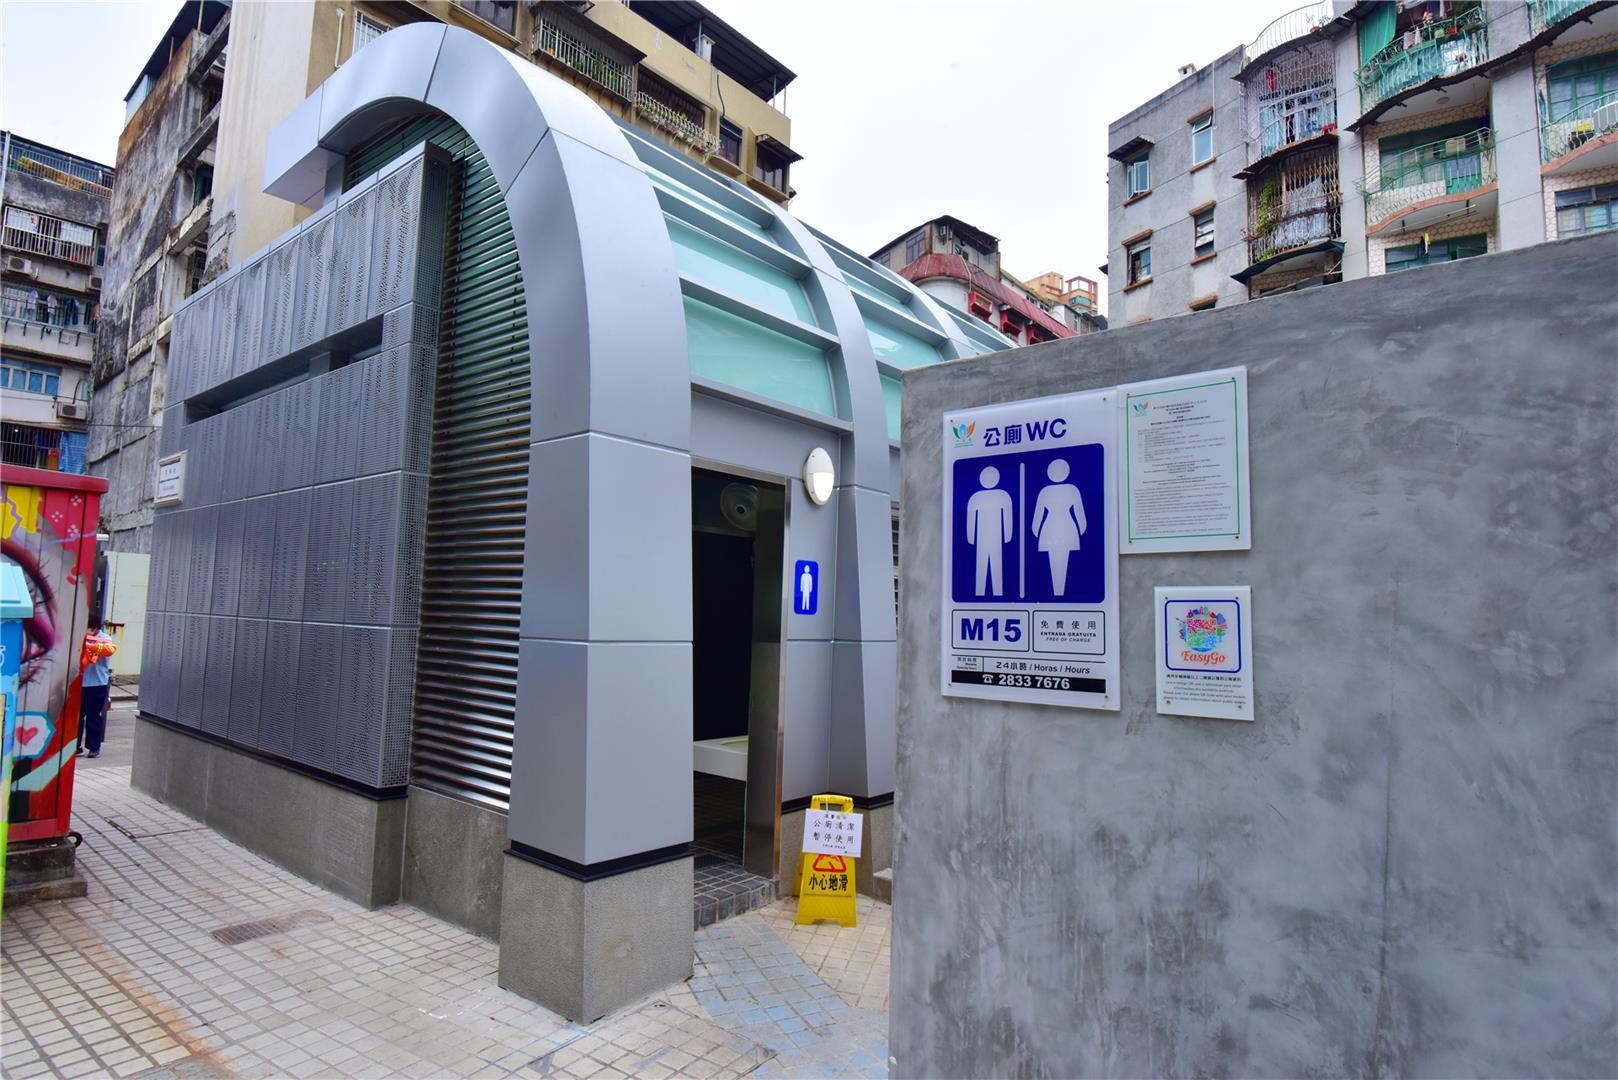 M15 Public toilet at Rua de Manuel de Arriaga